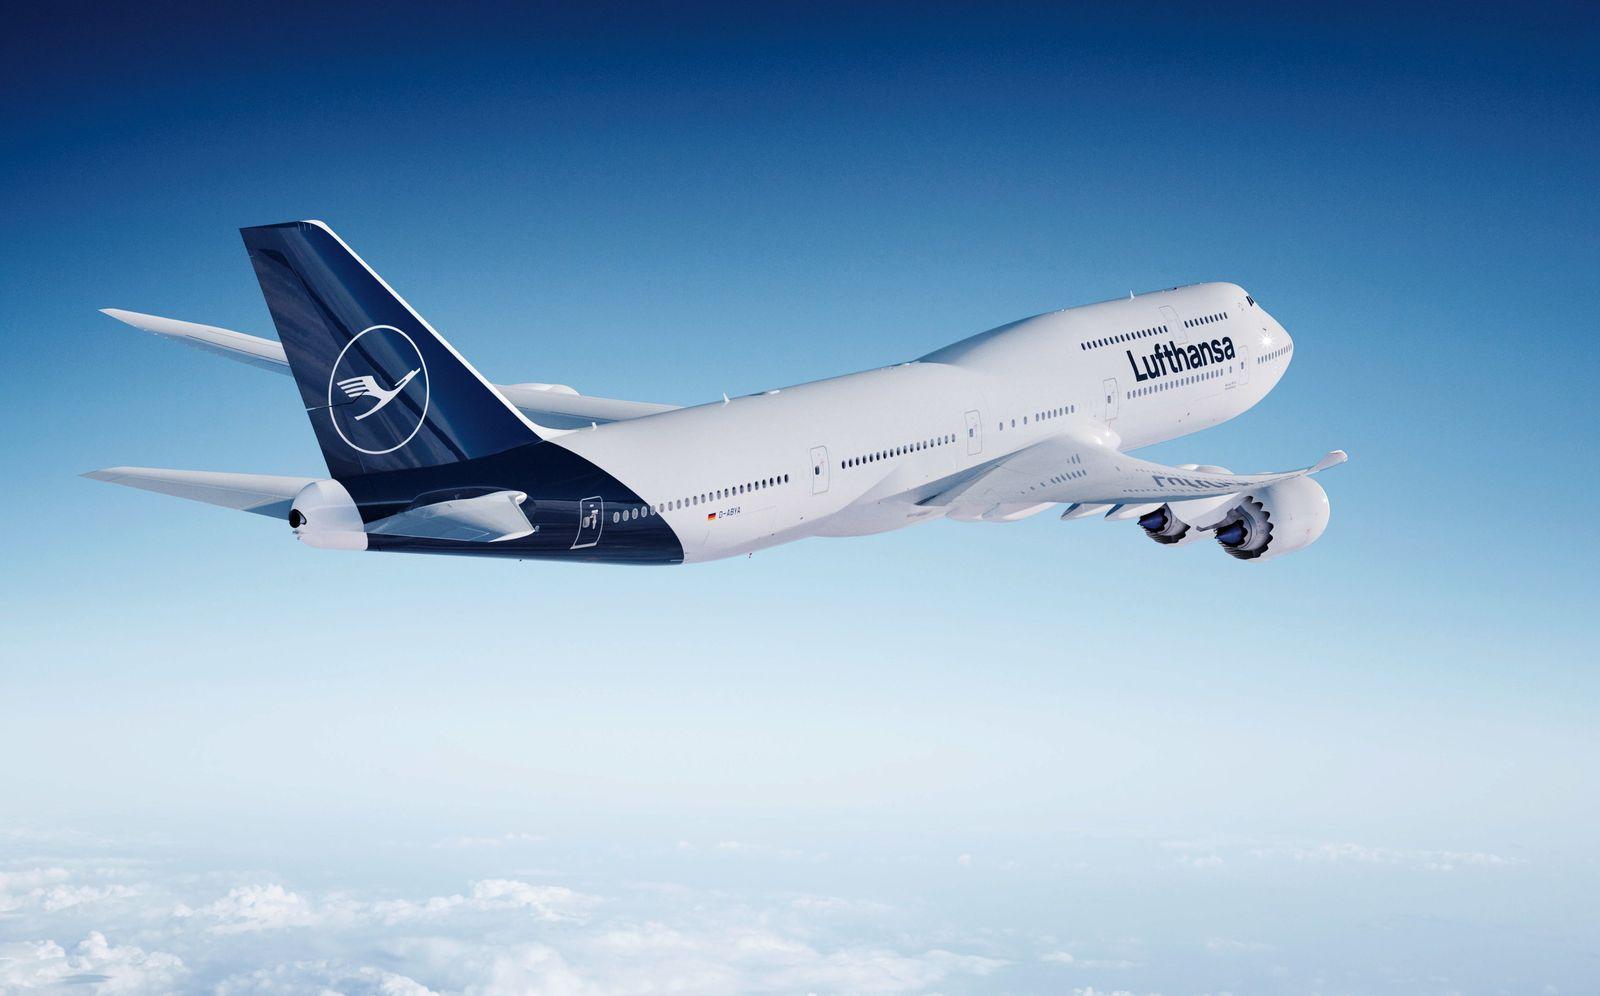 Lufthansa stellt neues Flugzeug-Design vor